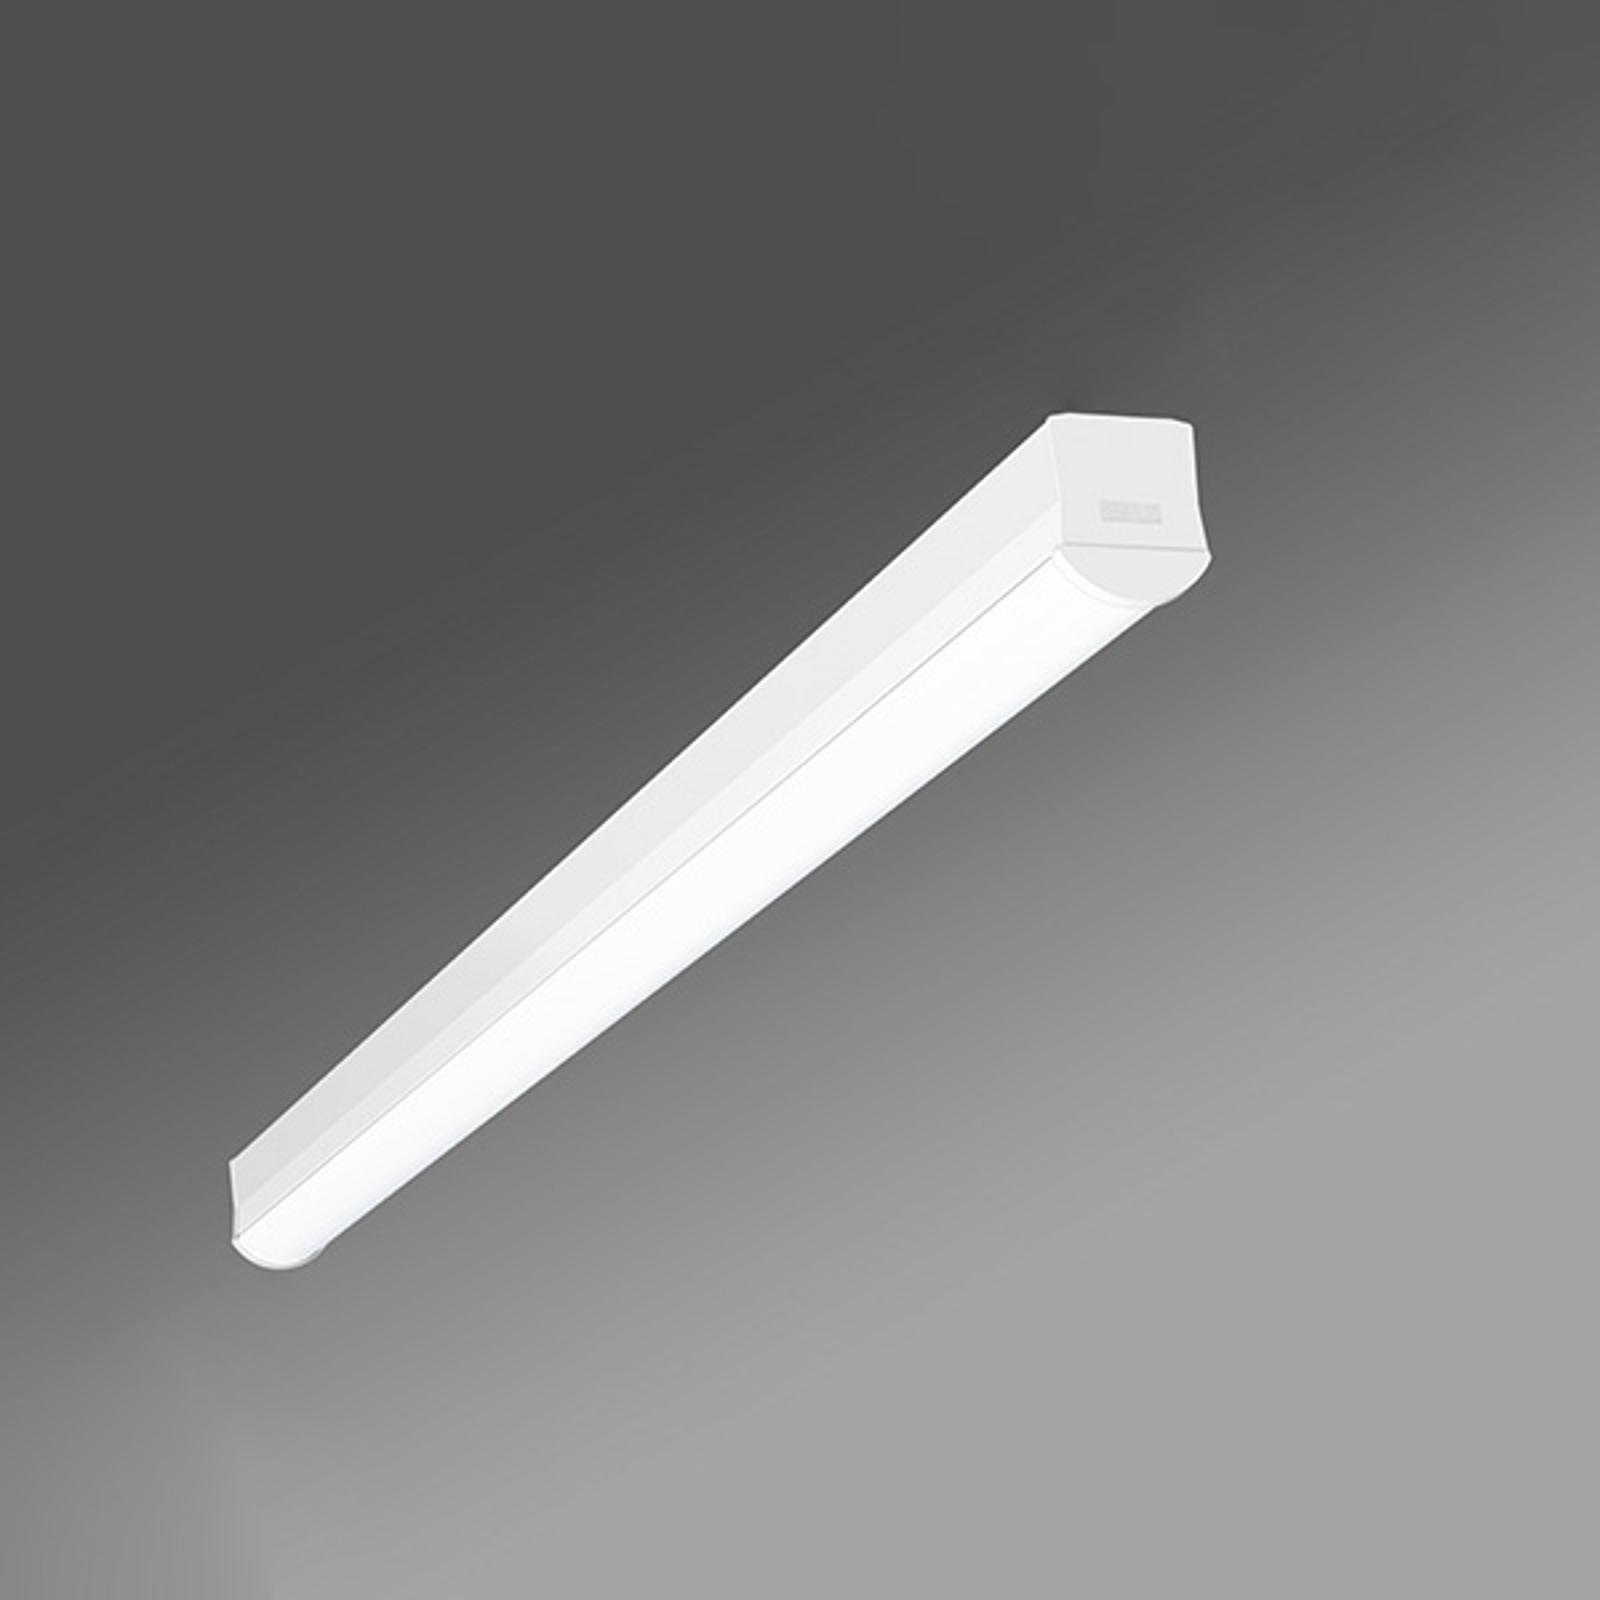 Długa lampa sufitowa LED Ilia-ILG/1200 3000K